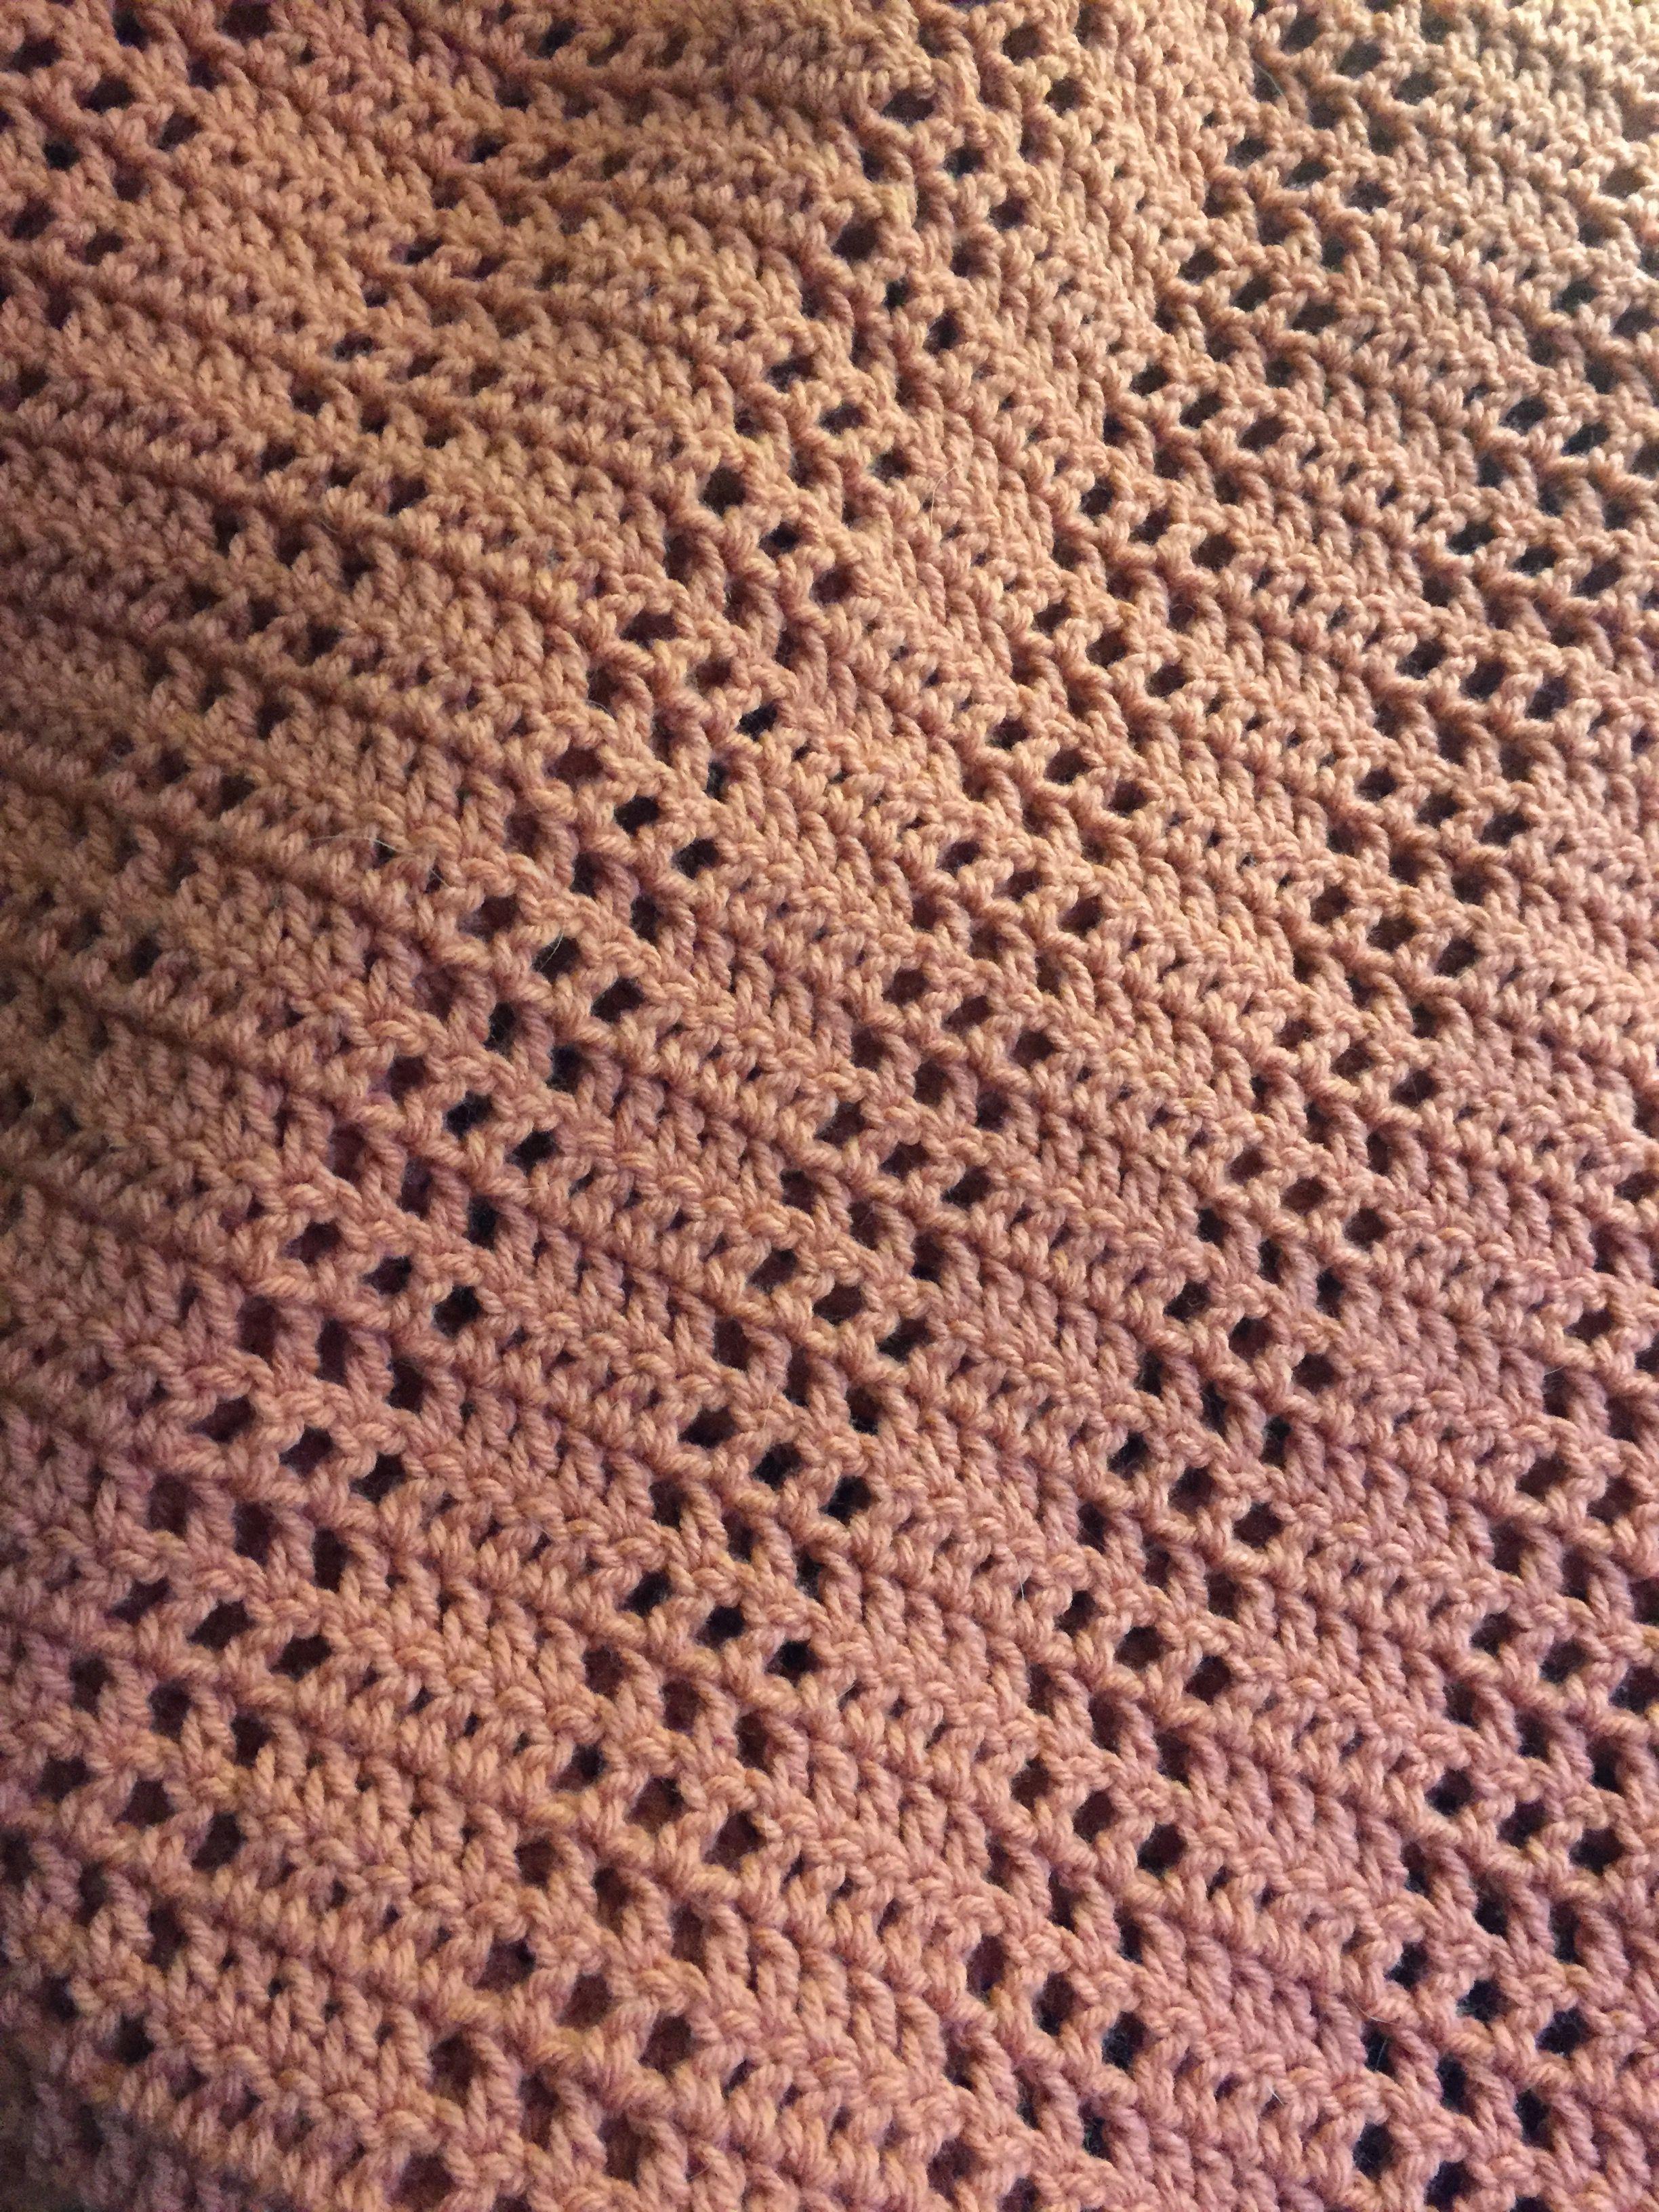 Pattern From Happyberrycrochet Filet Mesh Crochet Pinterest